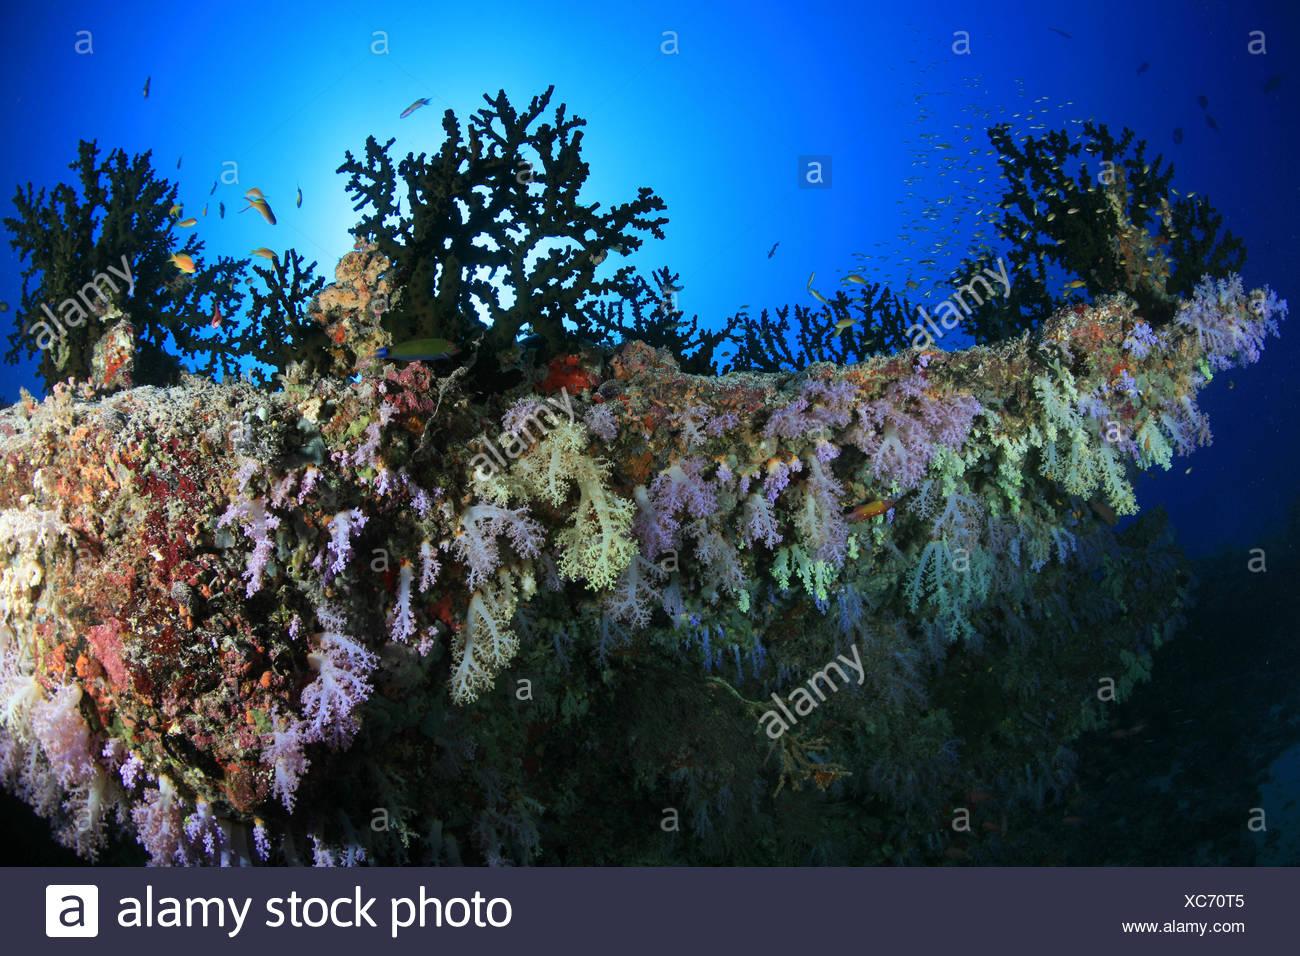 Nett Korallenriff Färbung Ideen - Malvorlagen Von Tieren - ngadi.info